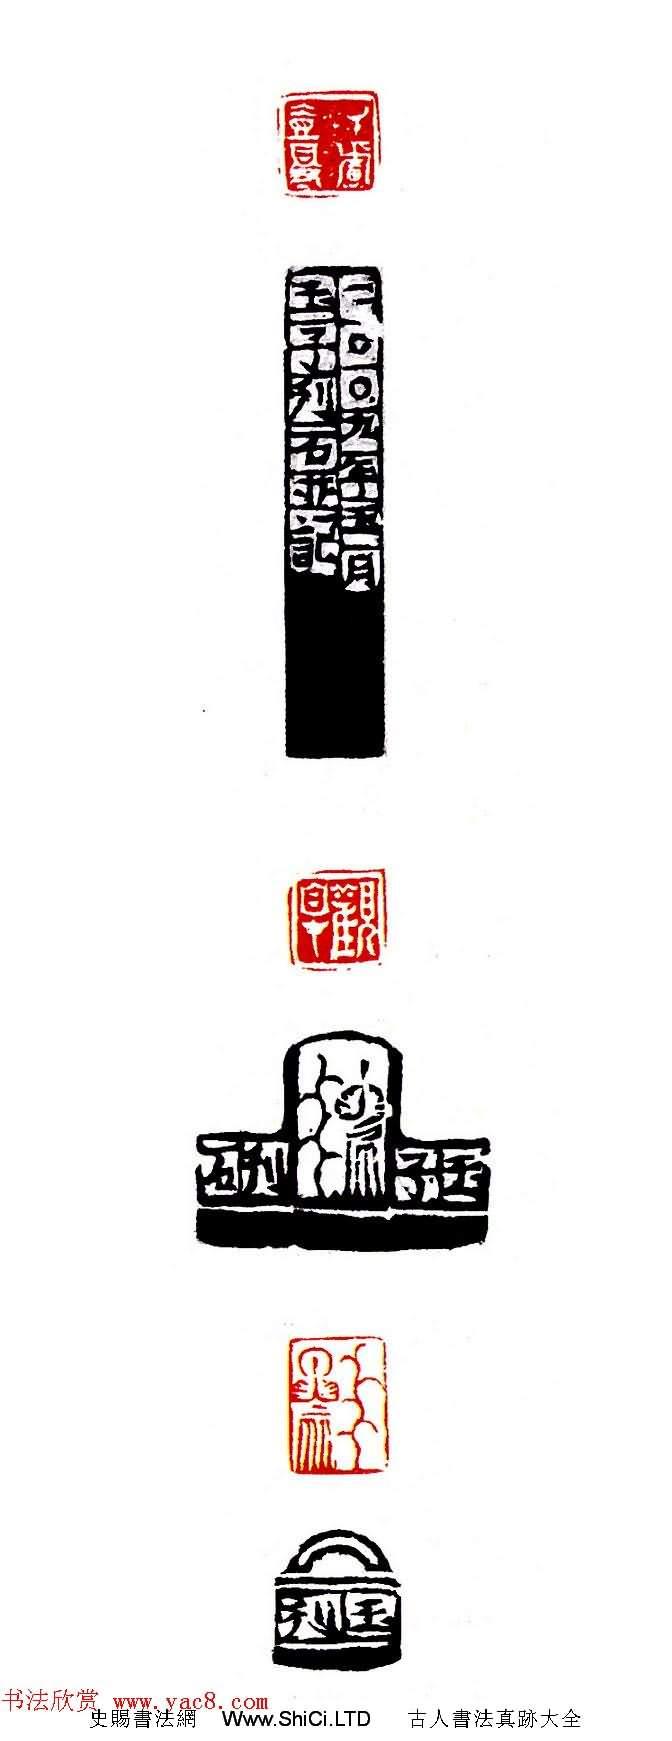 第三屆蘭亭獎篆刻作品真跡欣賞(共32張圖片)